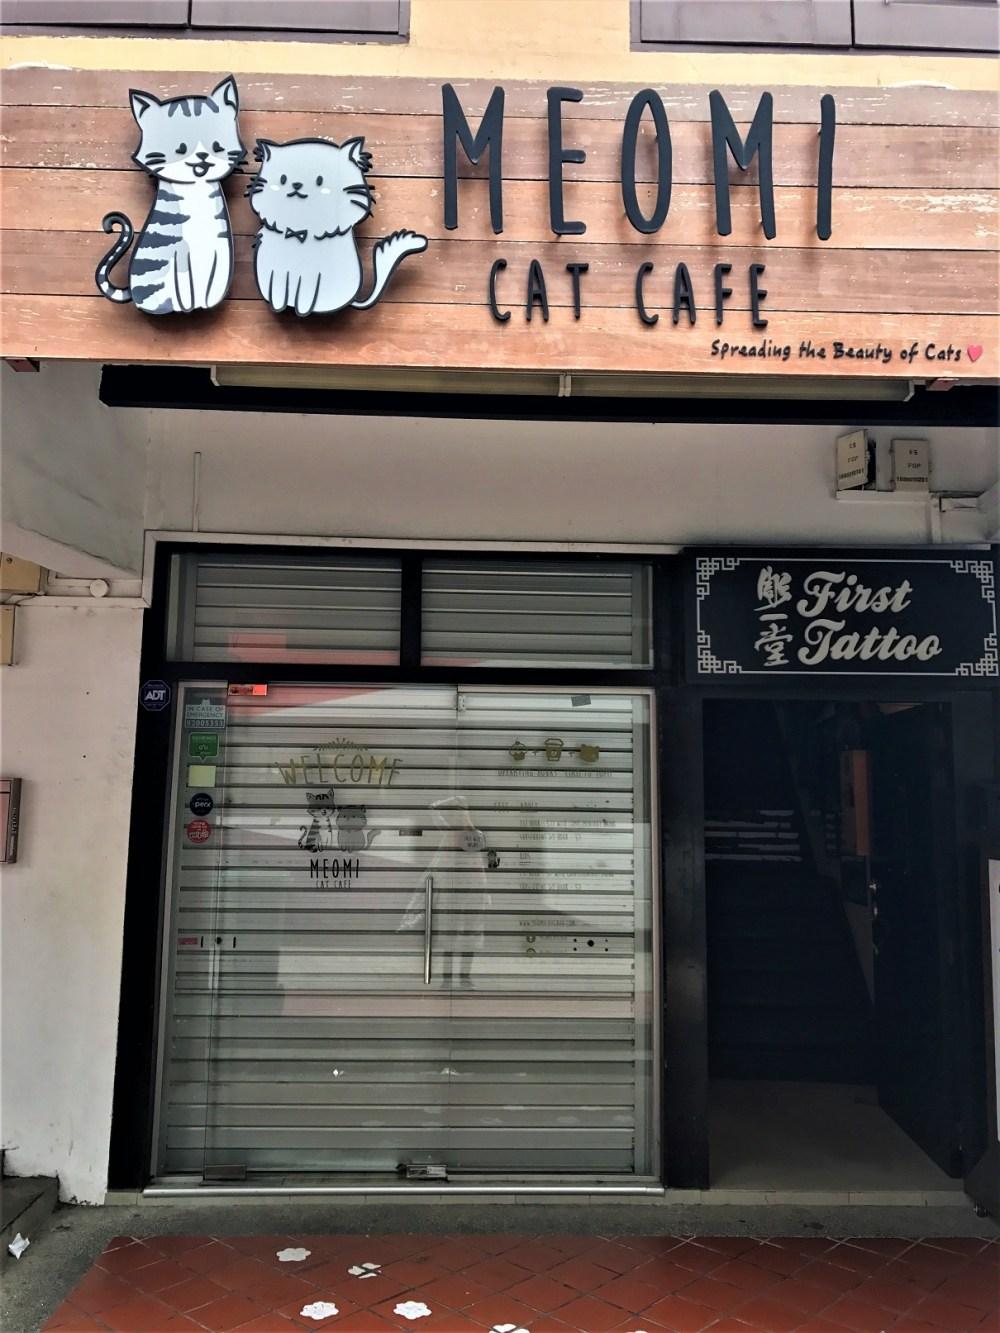 Meomi Cat Café